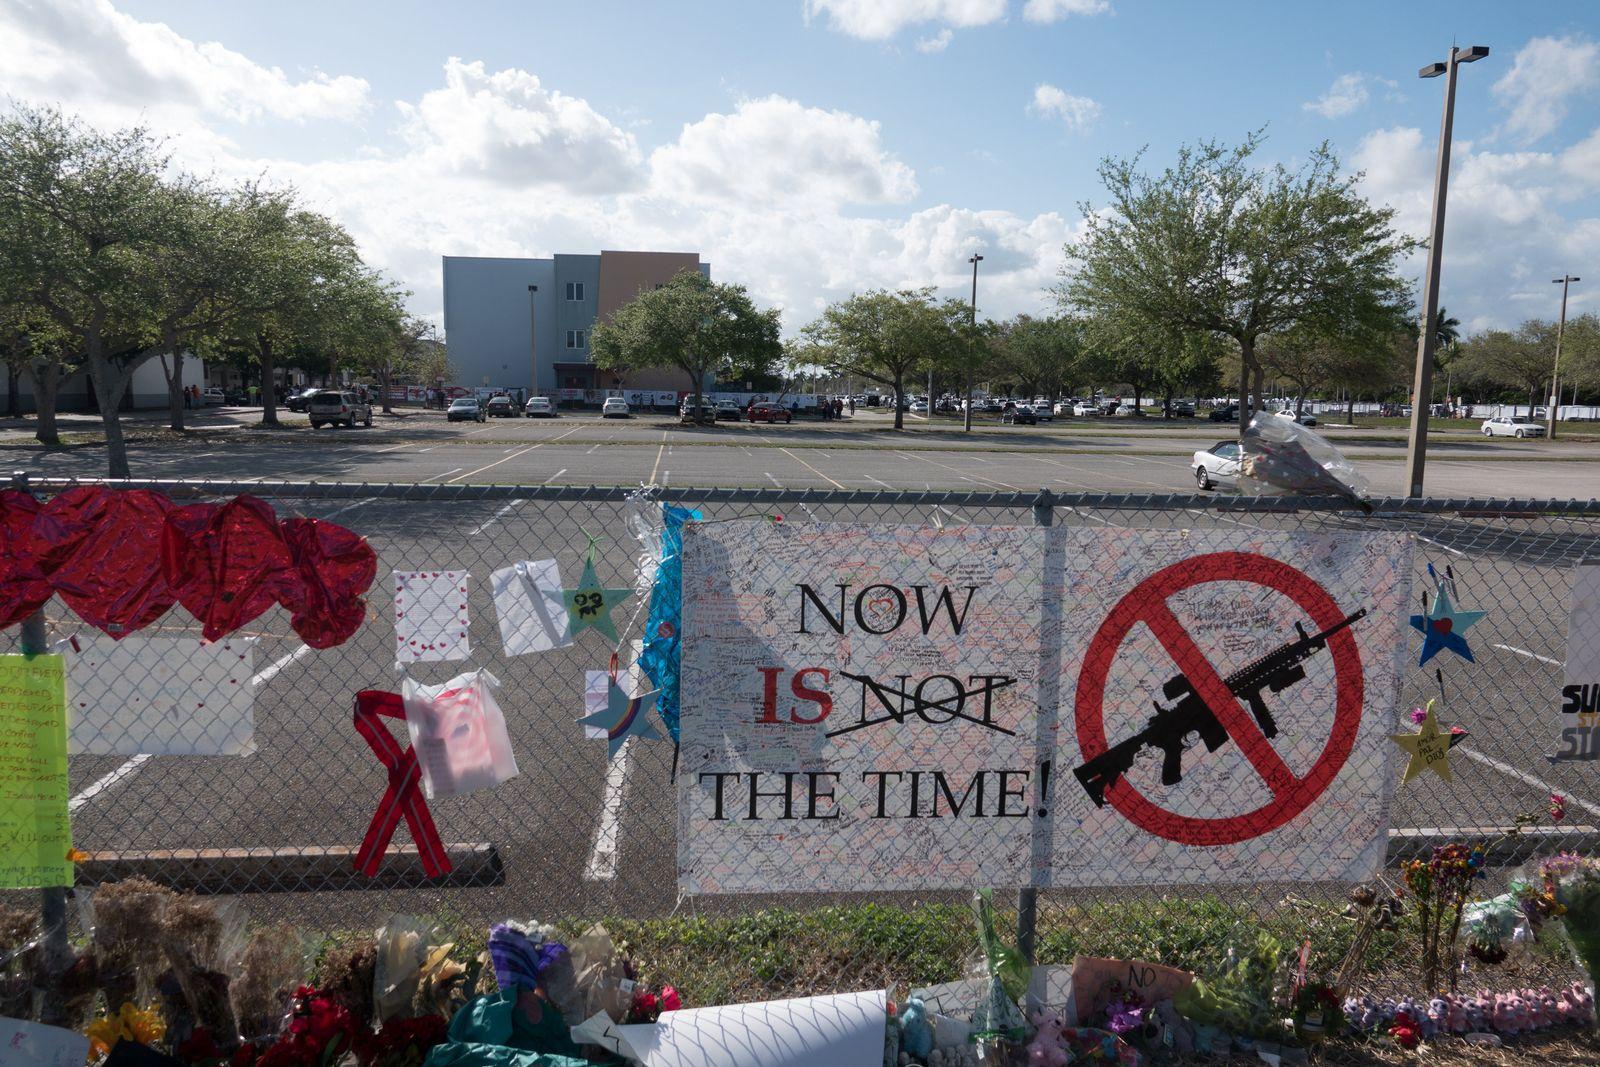 USA-GUNS/FLORIDA